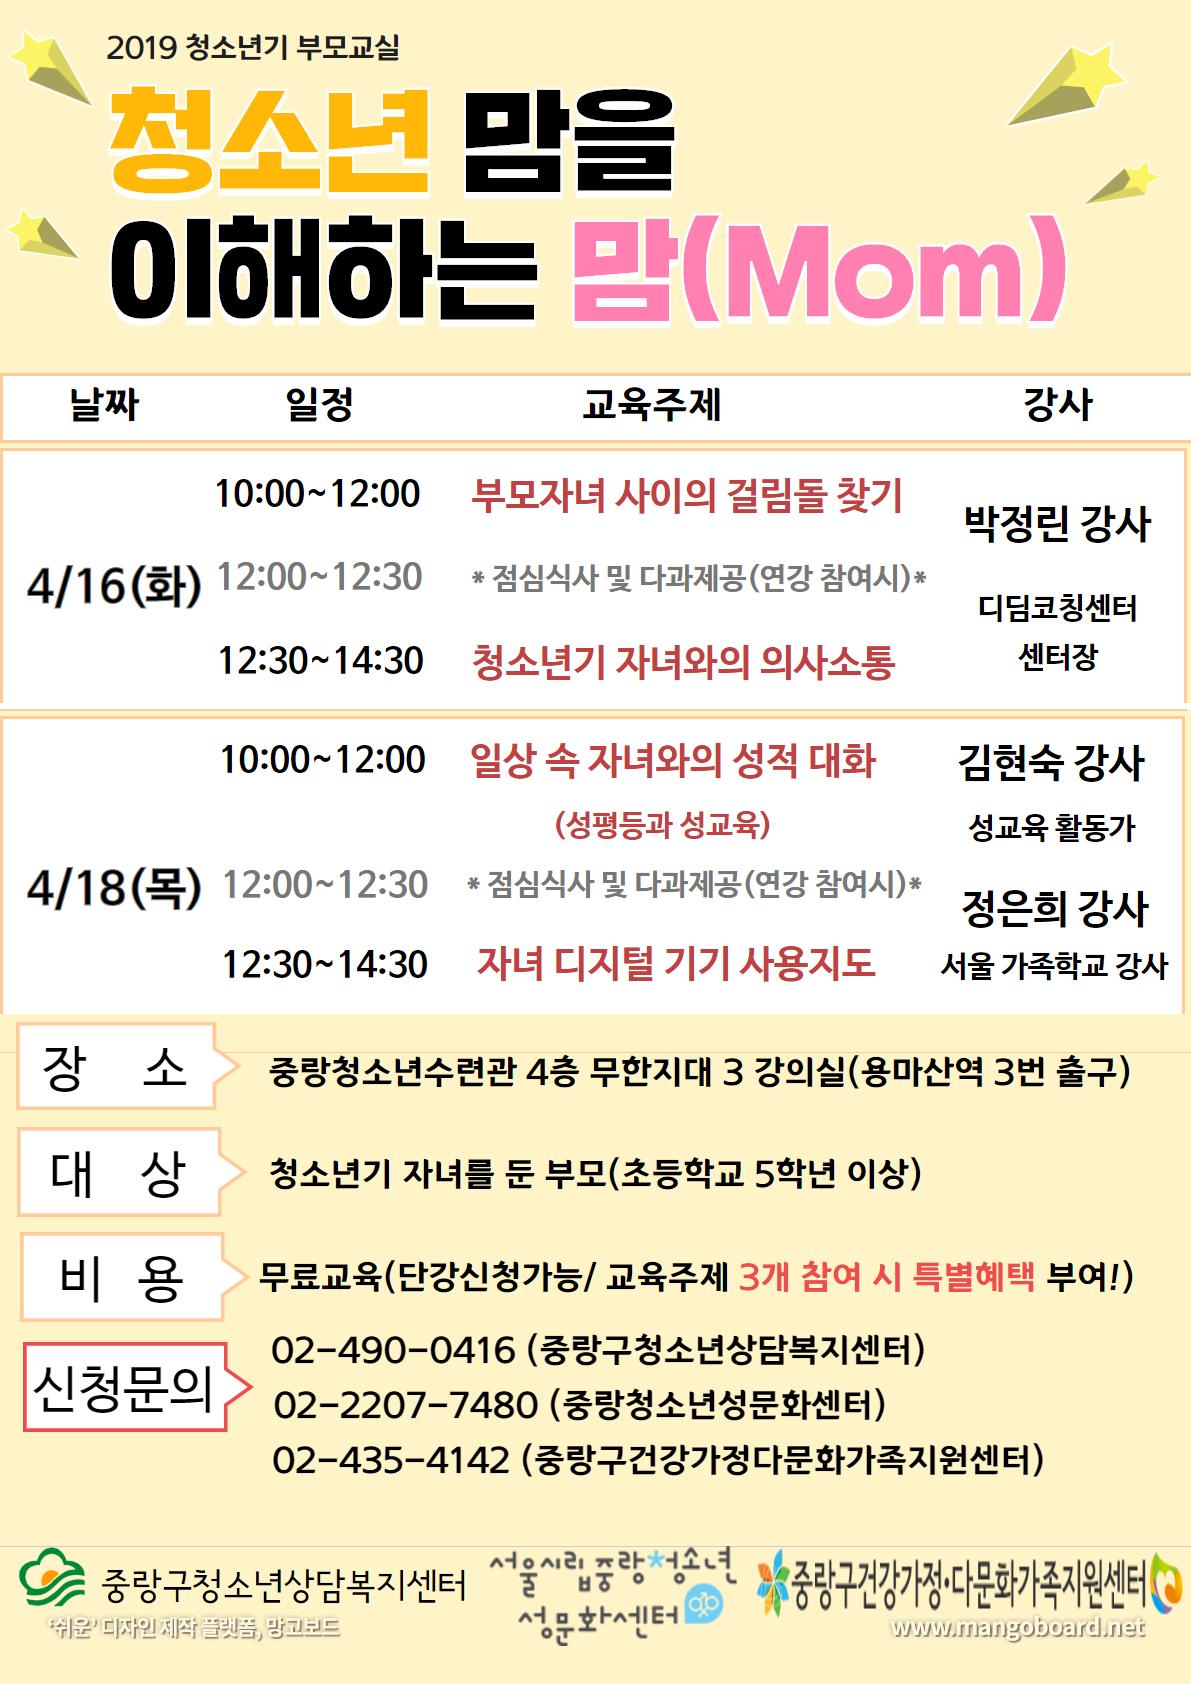 2019년 부모교육 청소년 맘을 이해하는 맘(Mom) 홍보자료.png